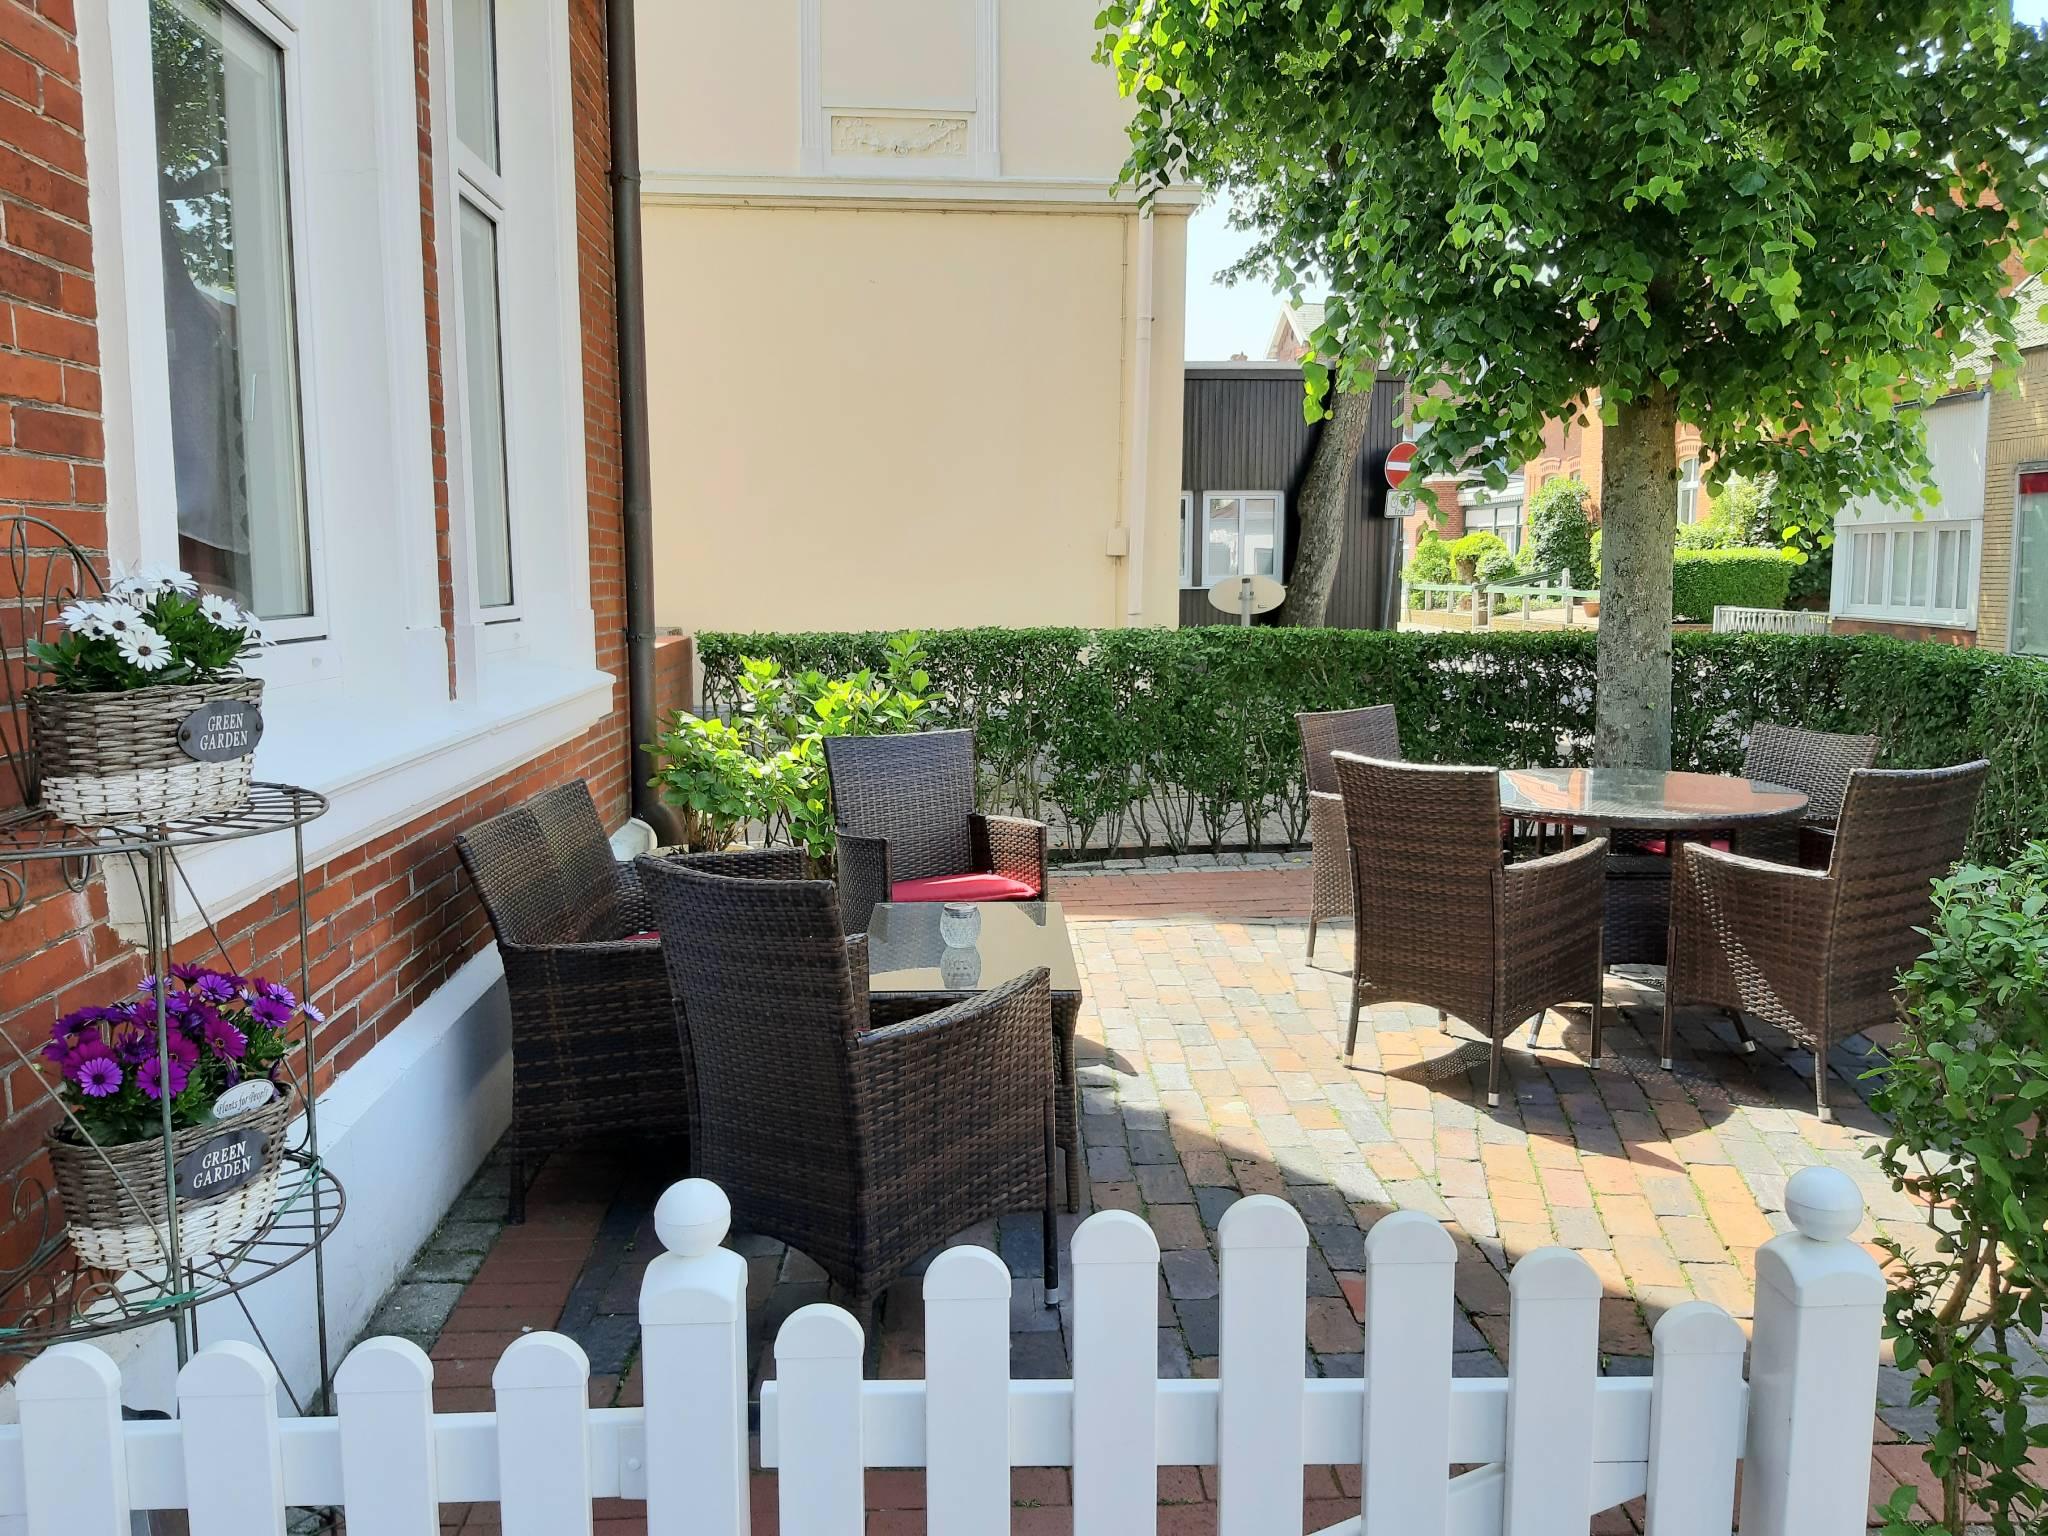 Zusatzbild Nr. 09 von Gründerzeitvilla 'Villa Harmonie' - Ferienwohnung Schneeglöckchen